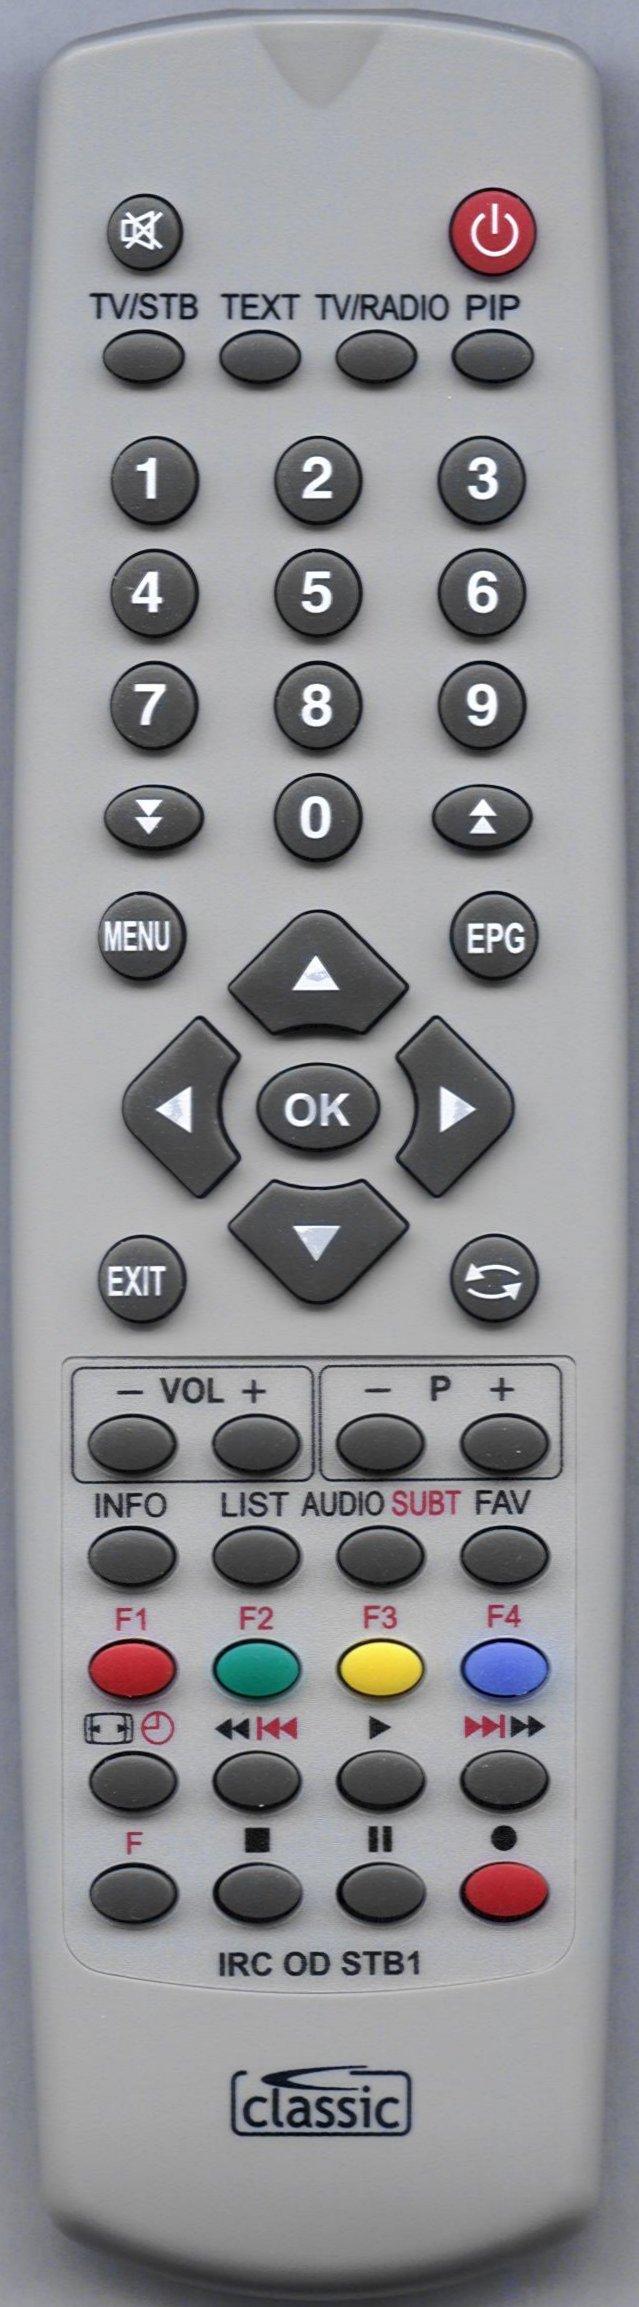 Topfield TP800 Remote Control